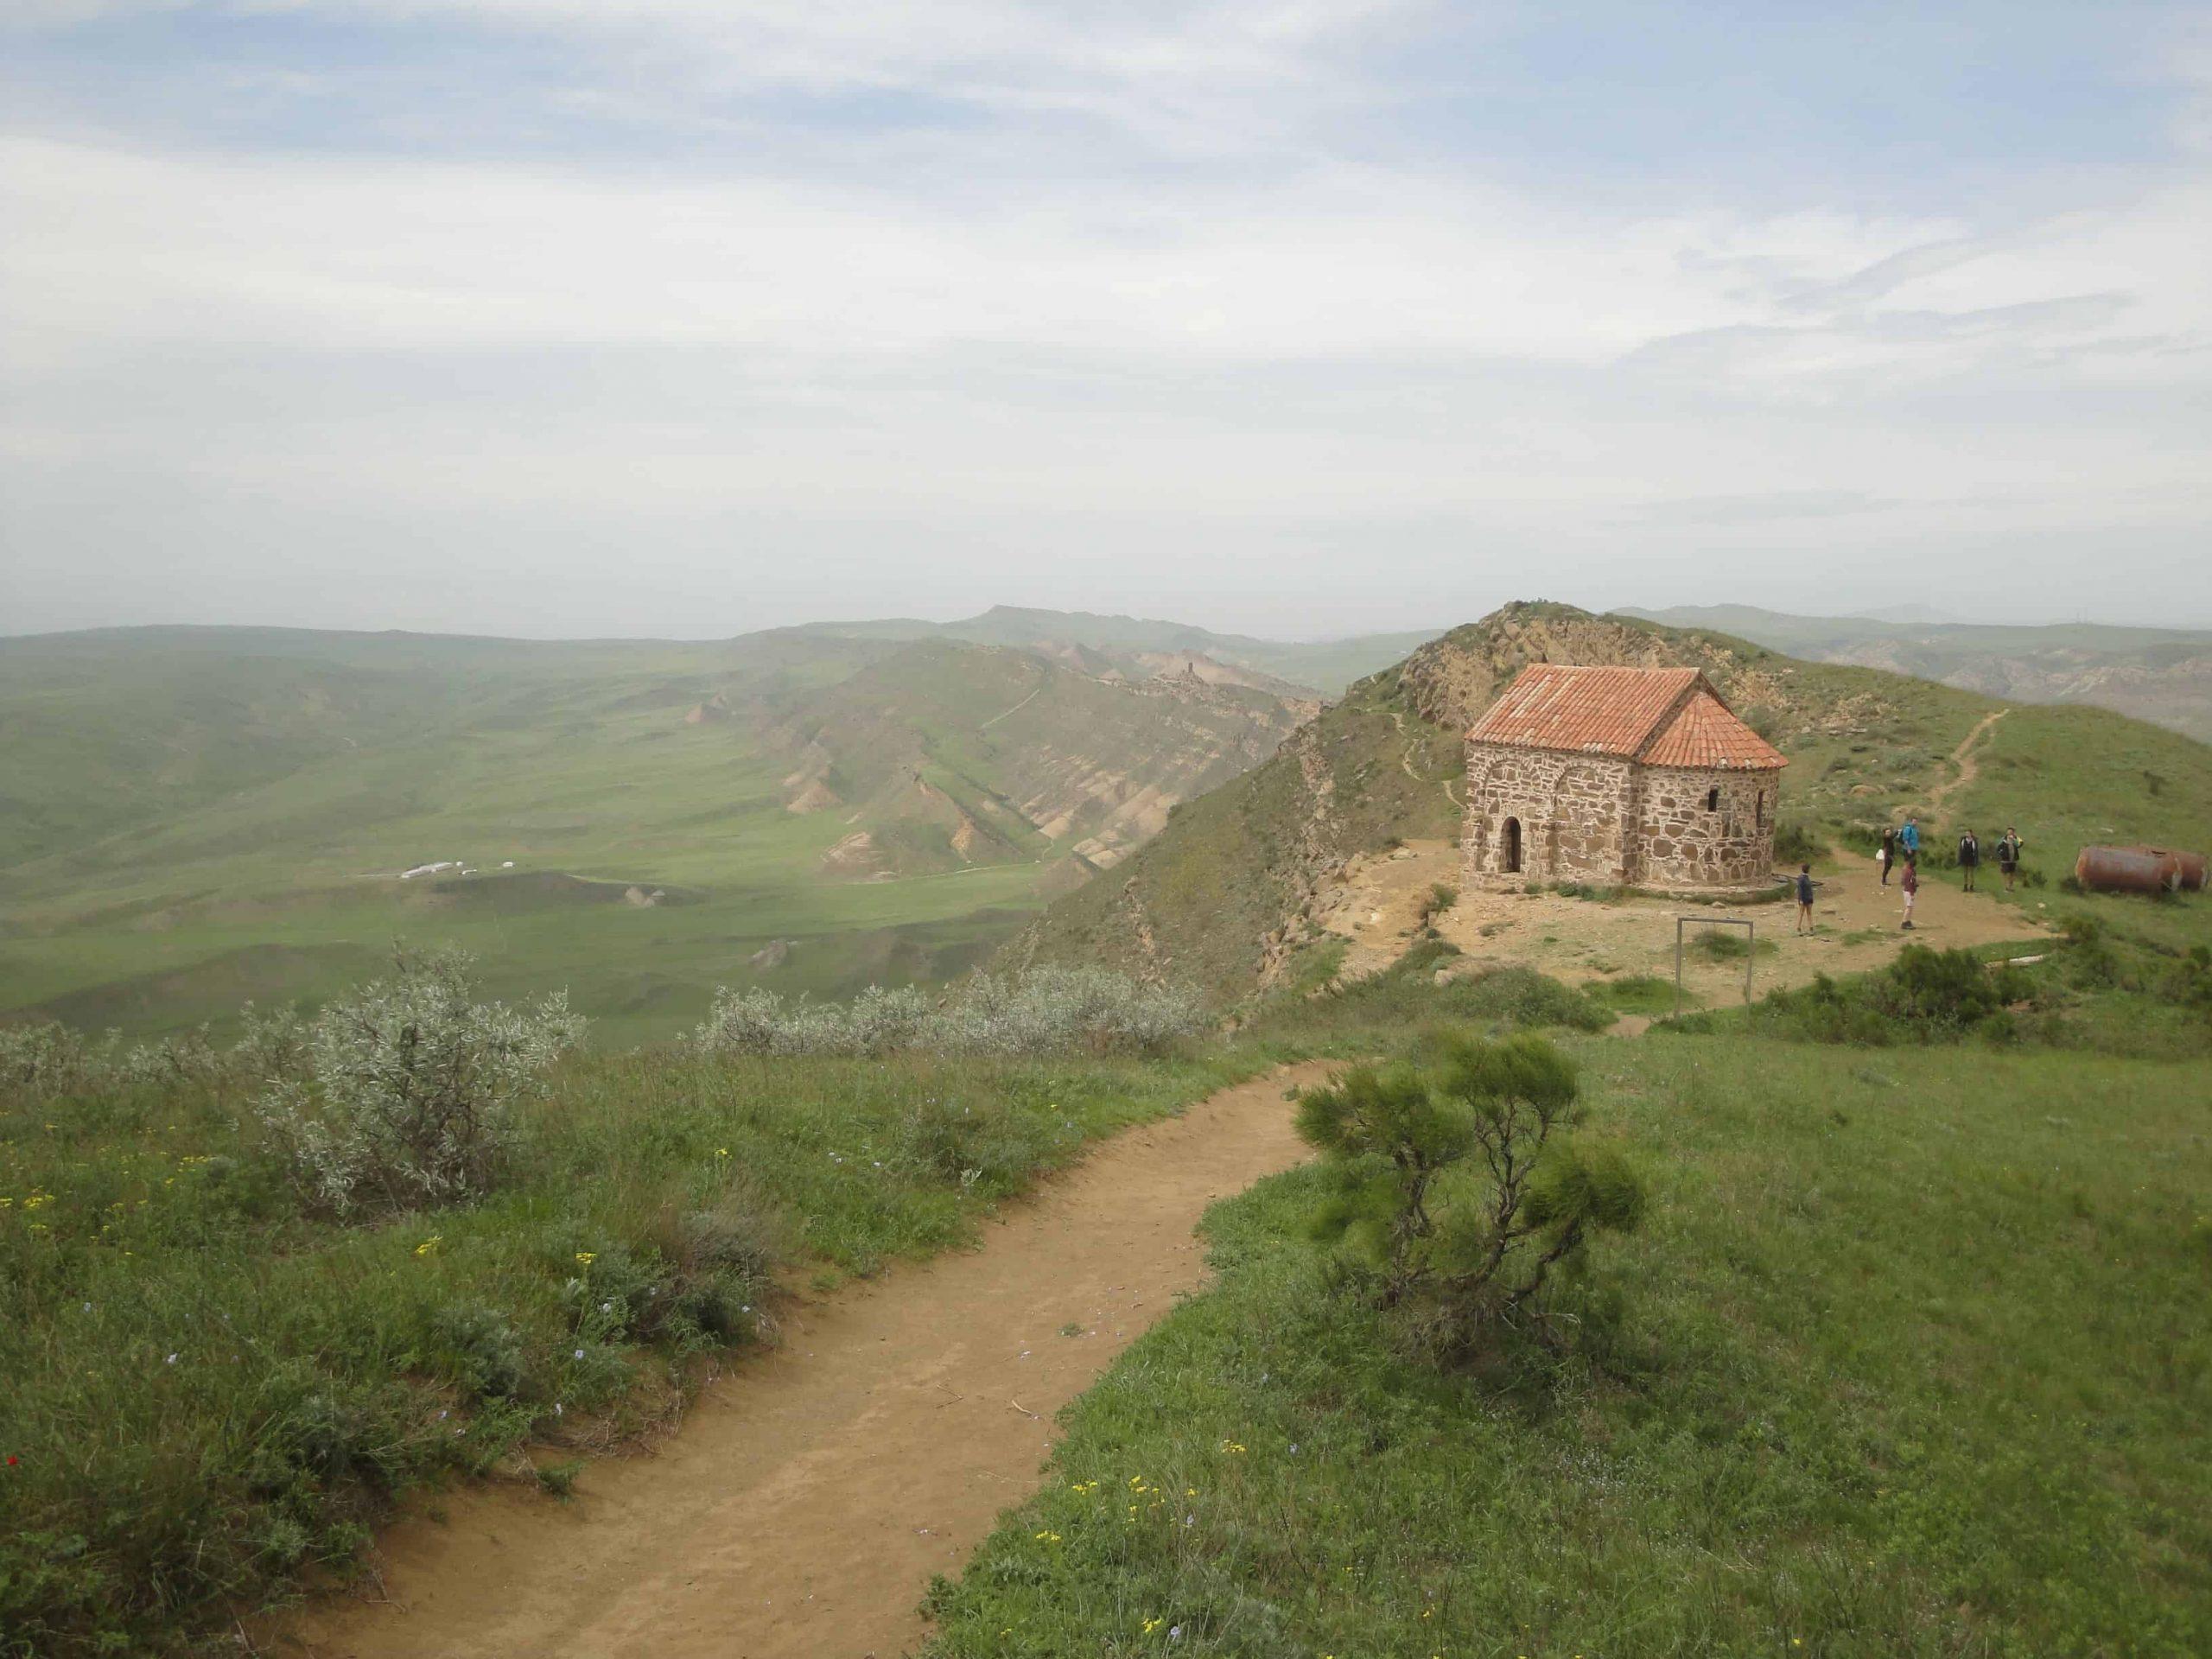 Vue sur la steppe et l'Azerbeijan